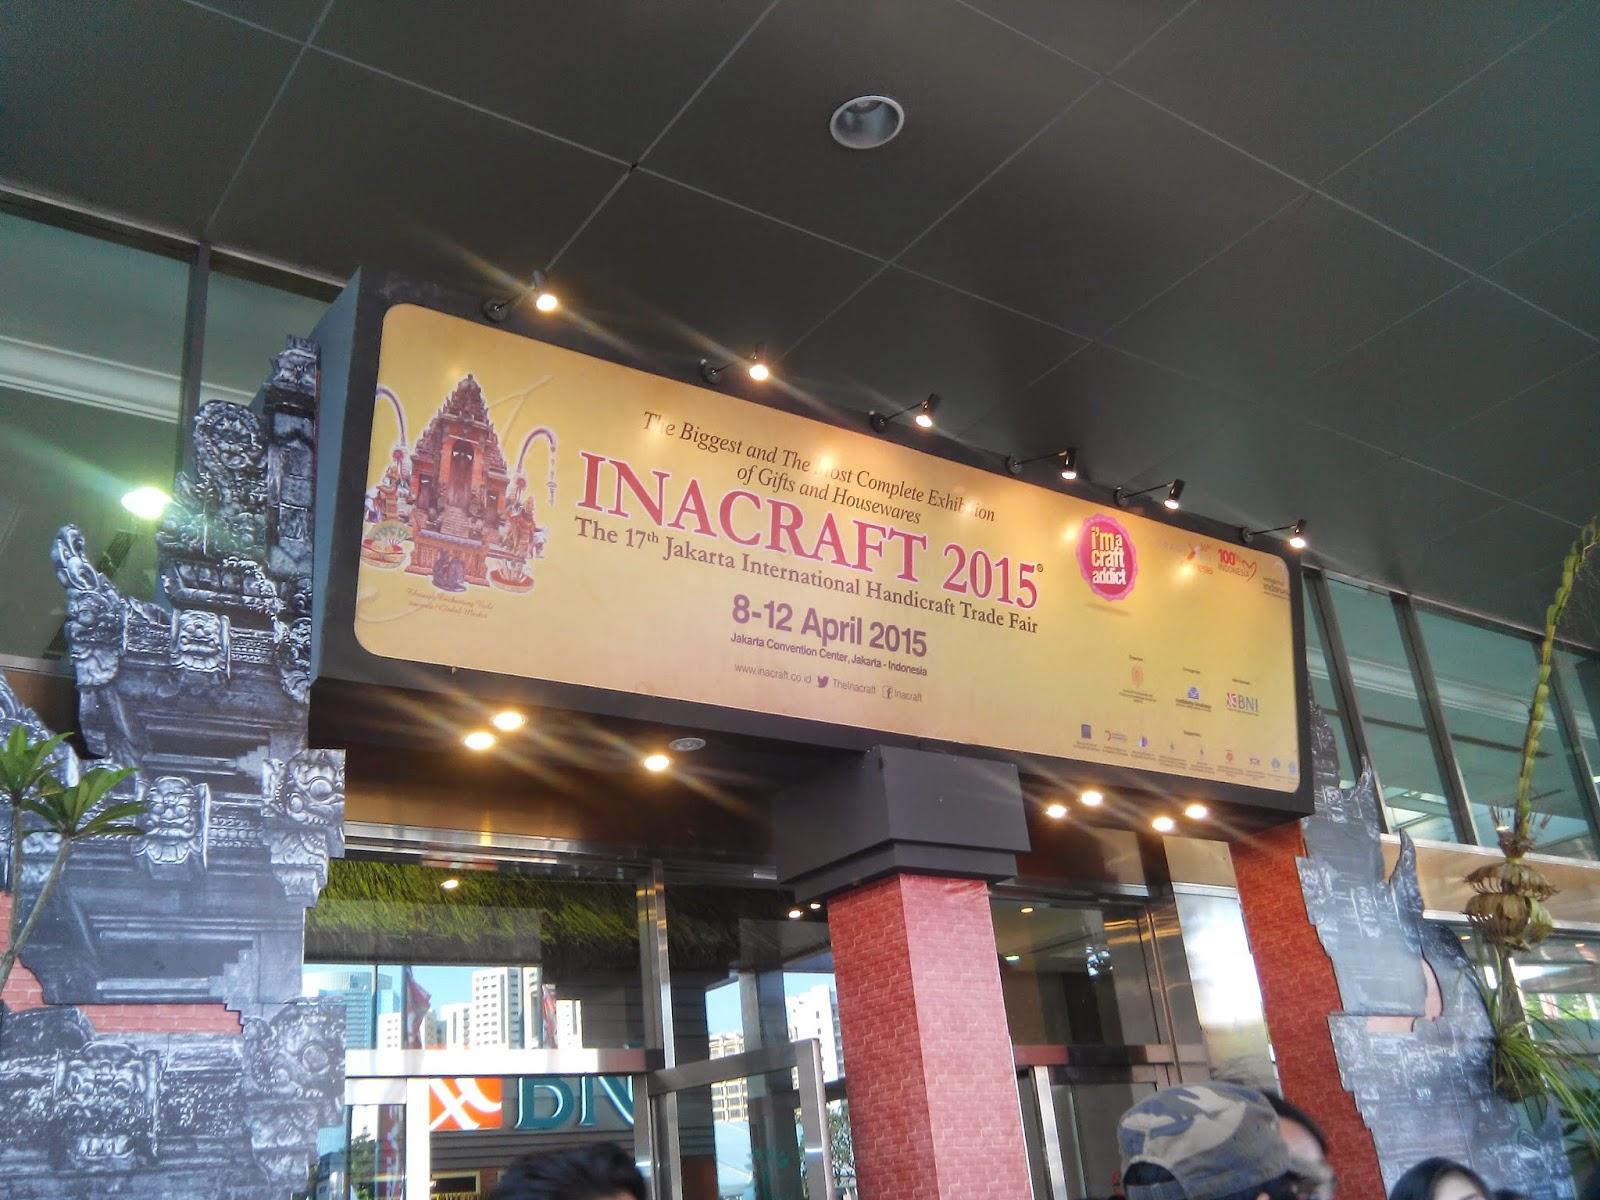 Kerajinan Batik Paoman Indramayu Hadir di Inacraft 2015